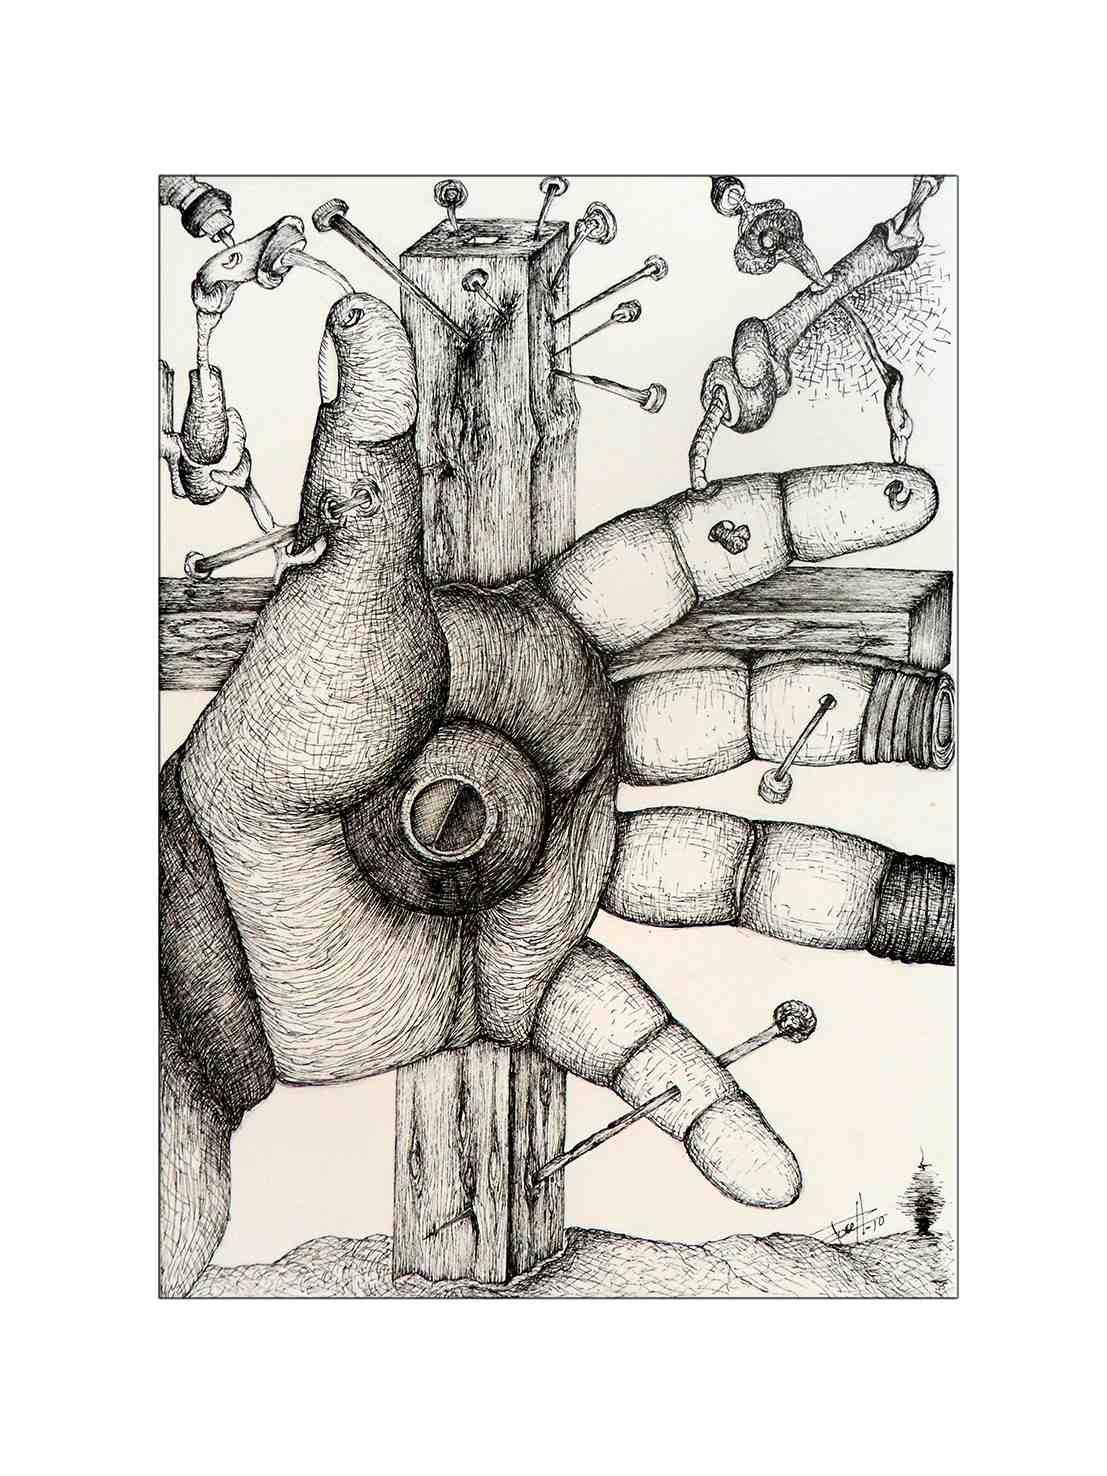 Dibujo de Arístides Rosell en 'Esquizografías'. Sporting Club Russafa. Imagen cortesía del autor.